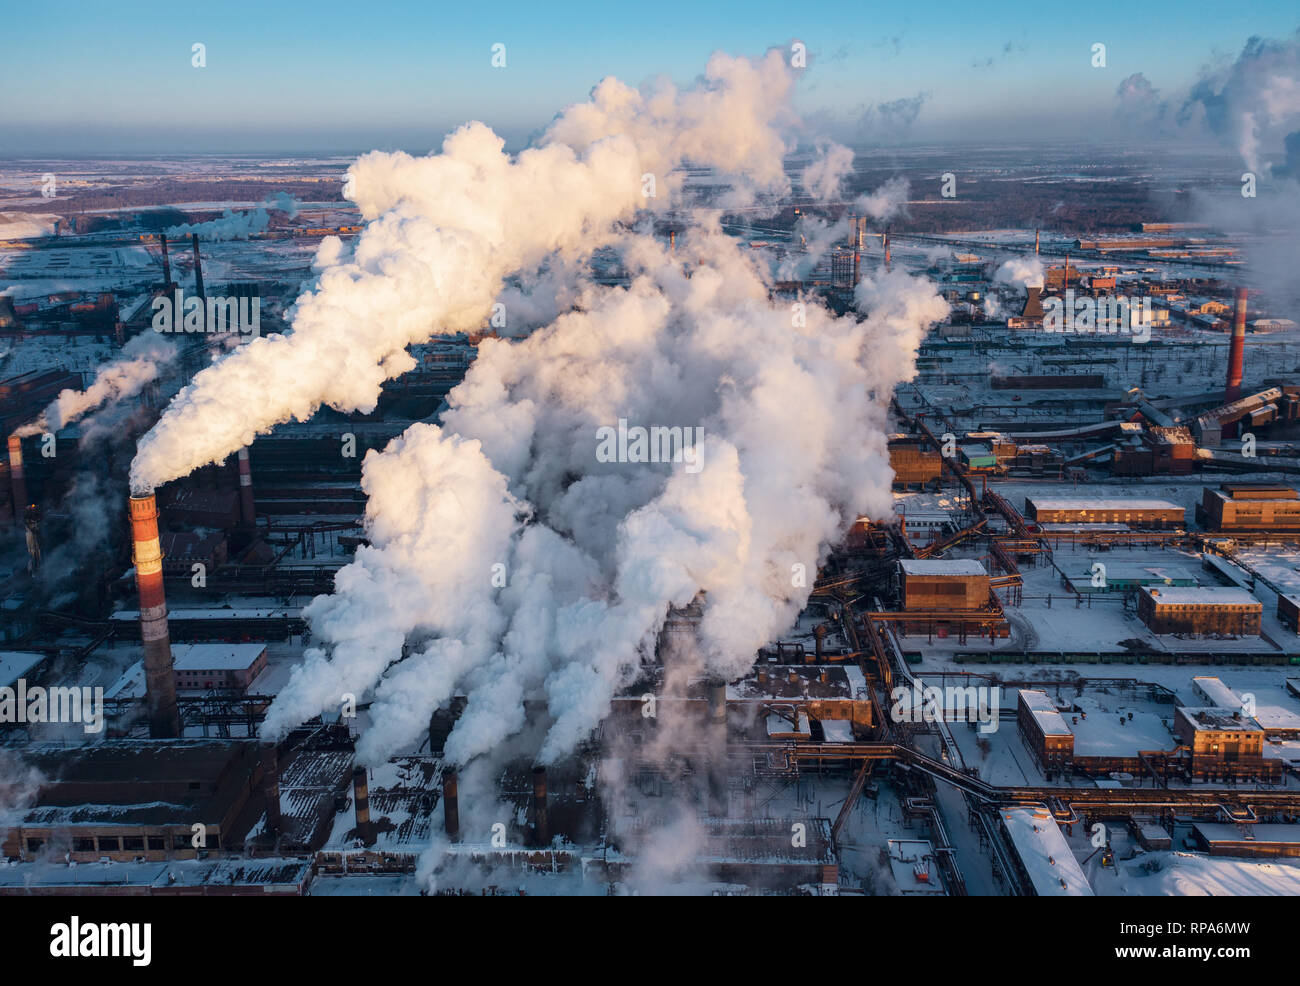 Vista panoramica di industria pesante con impatto negativo sulla natura; le emissioni di CO2, tossici gas velenosi da camini; rusty sporco oleodotti e clou Foto Stock